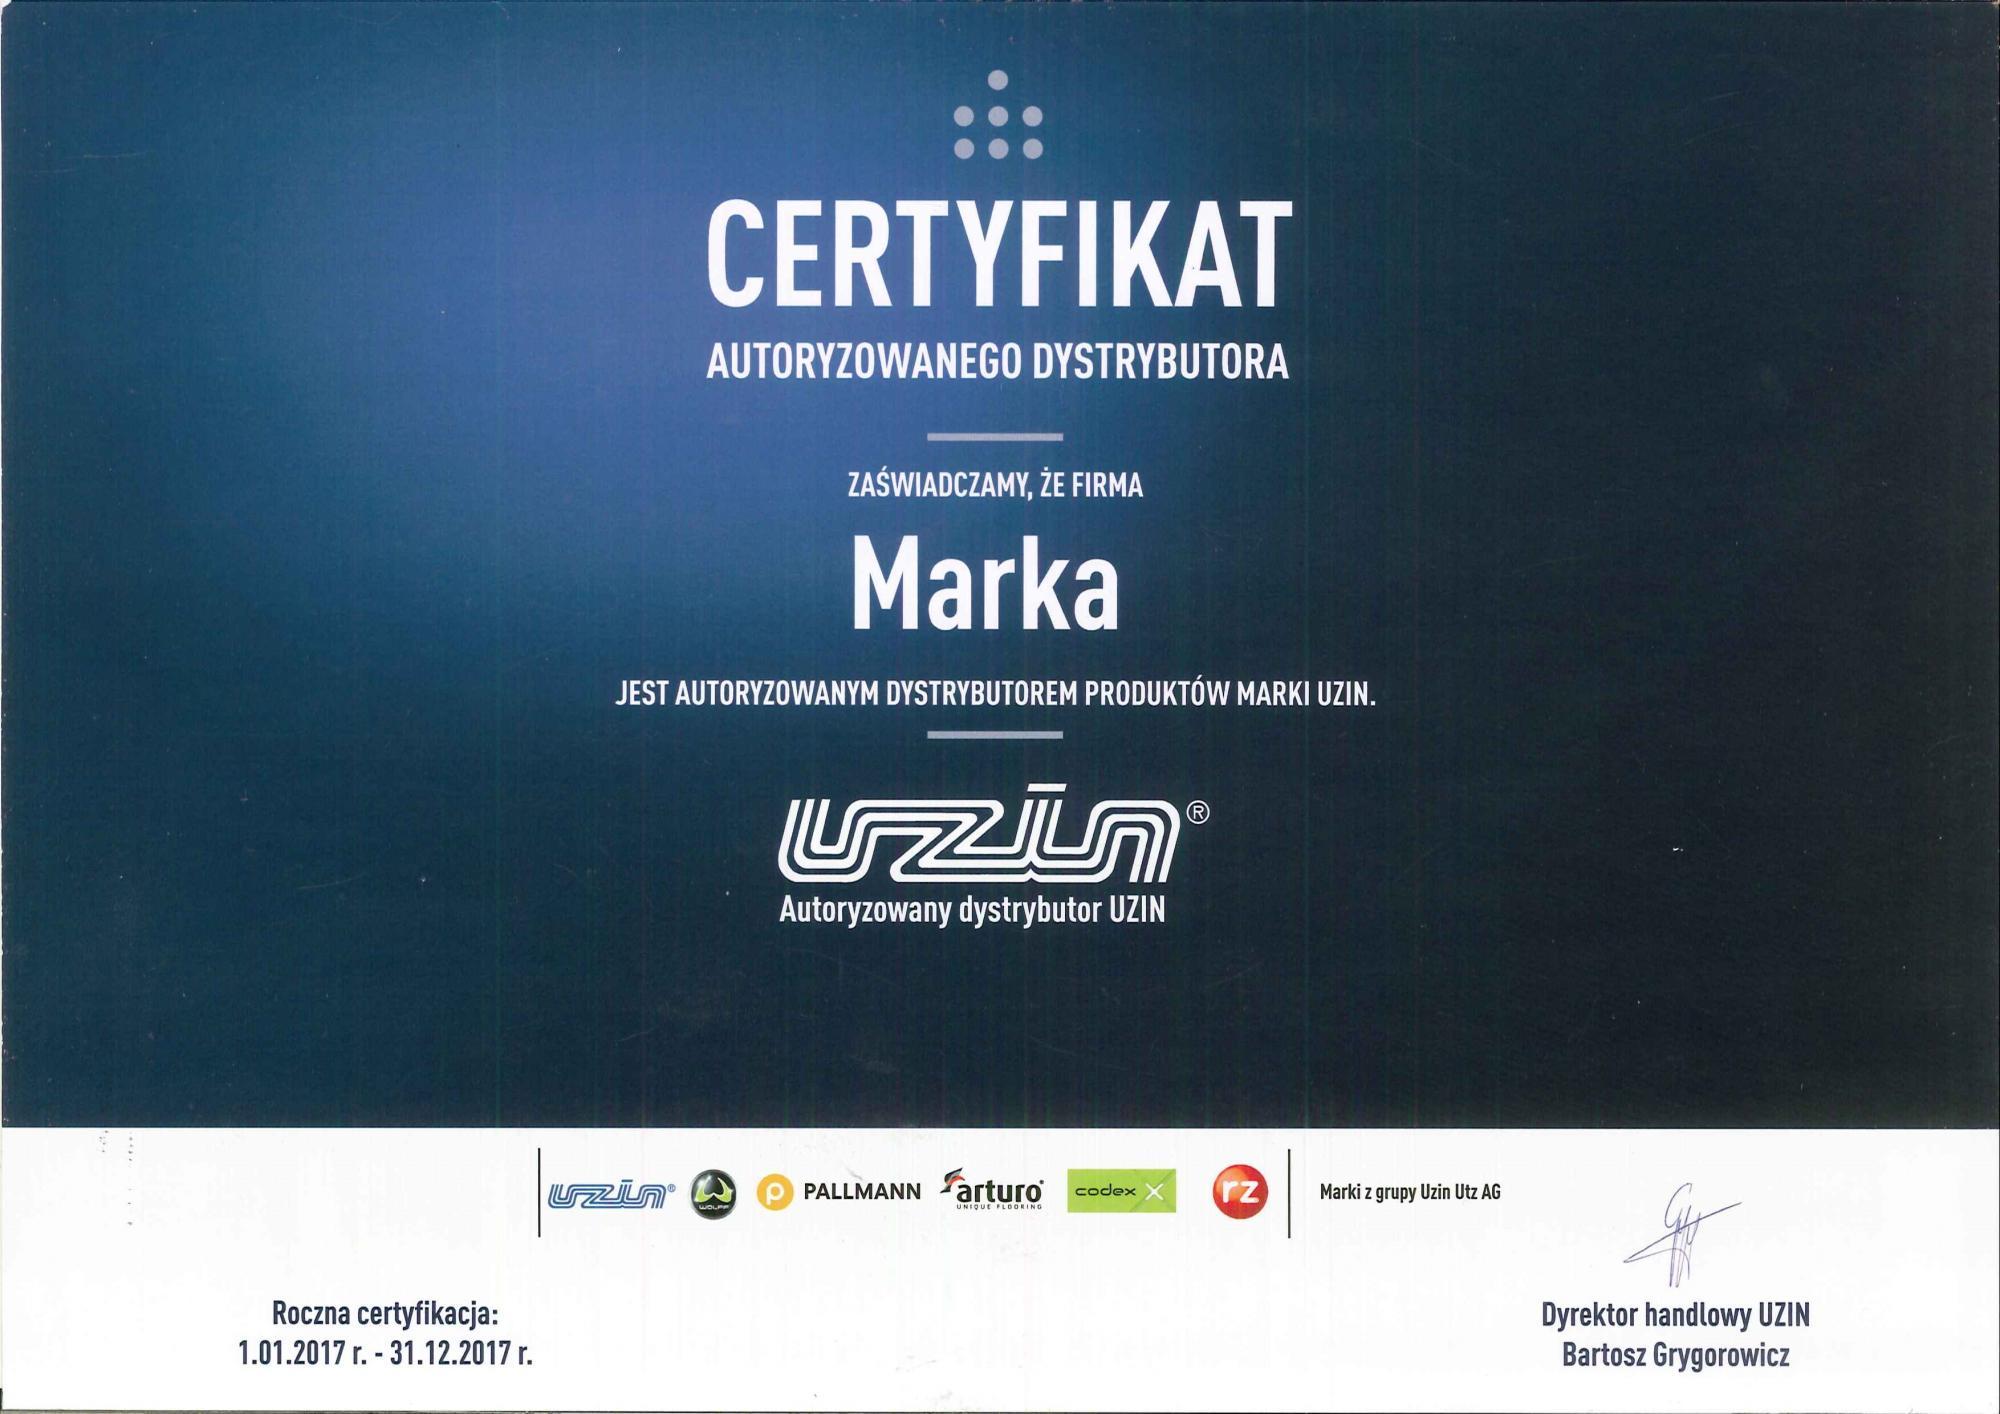 Certyfikat Uzin 2017